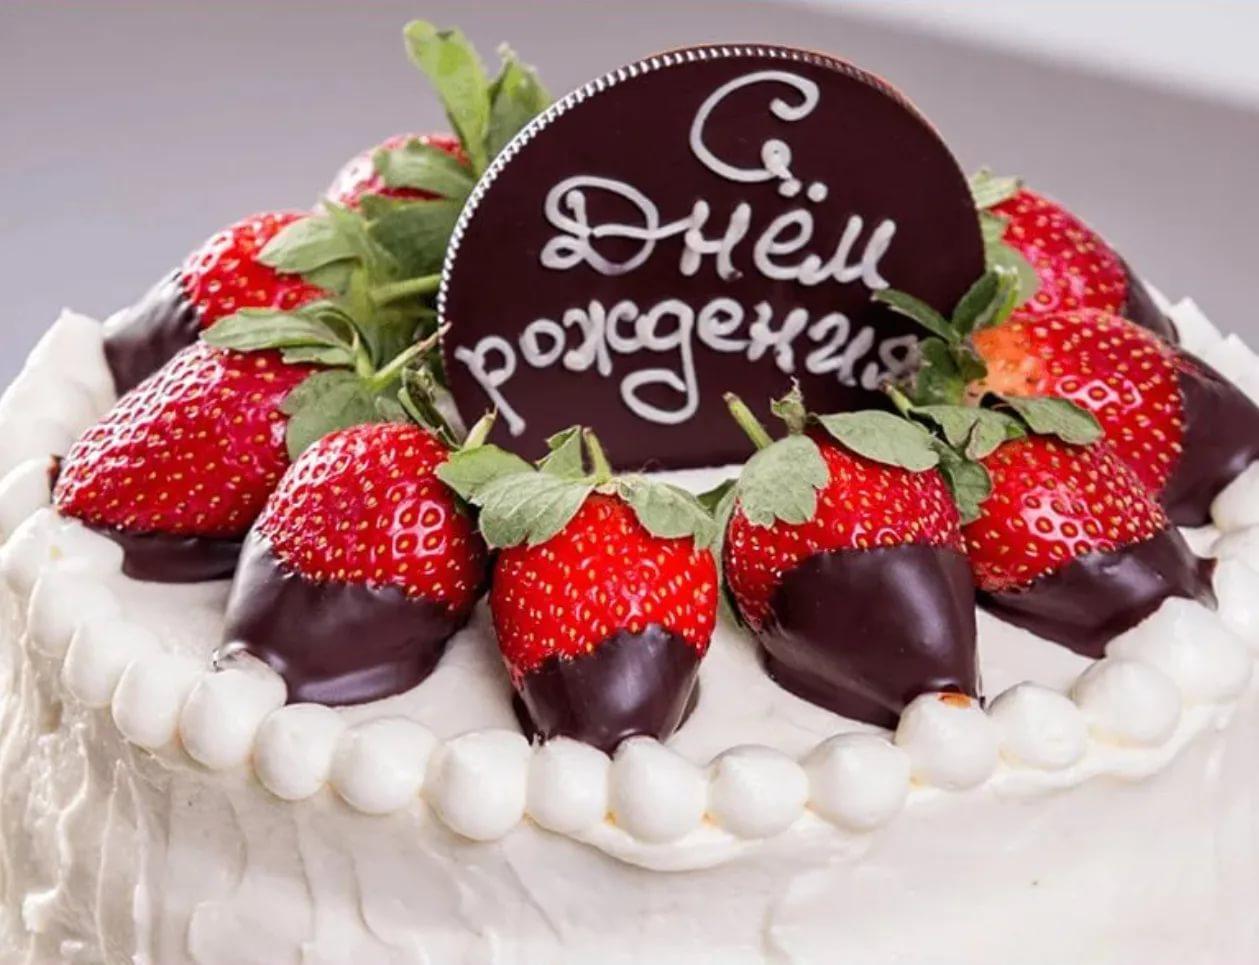 Вкусные и красивые торты картинки на день рождения 3